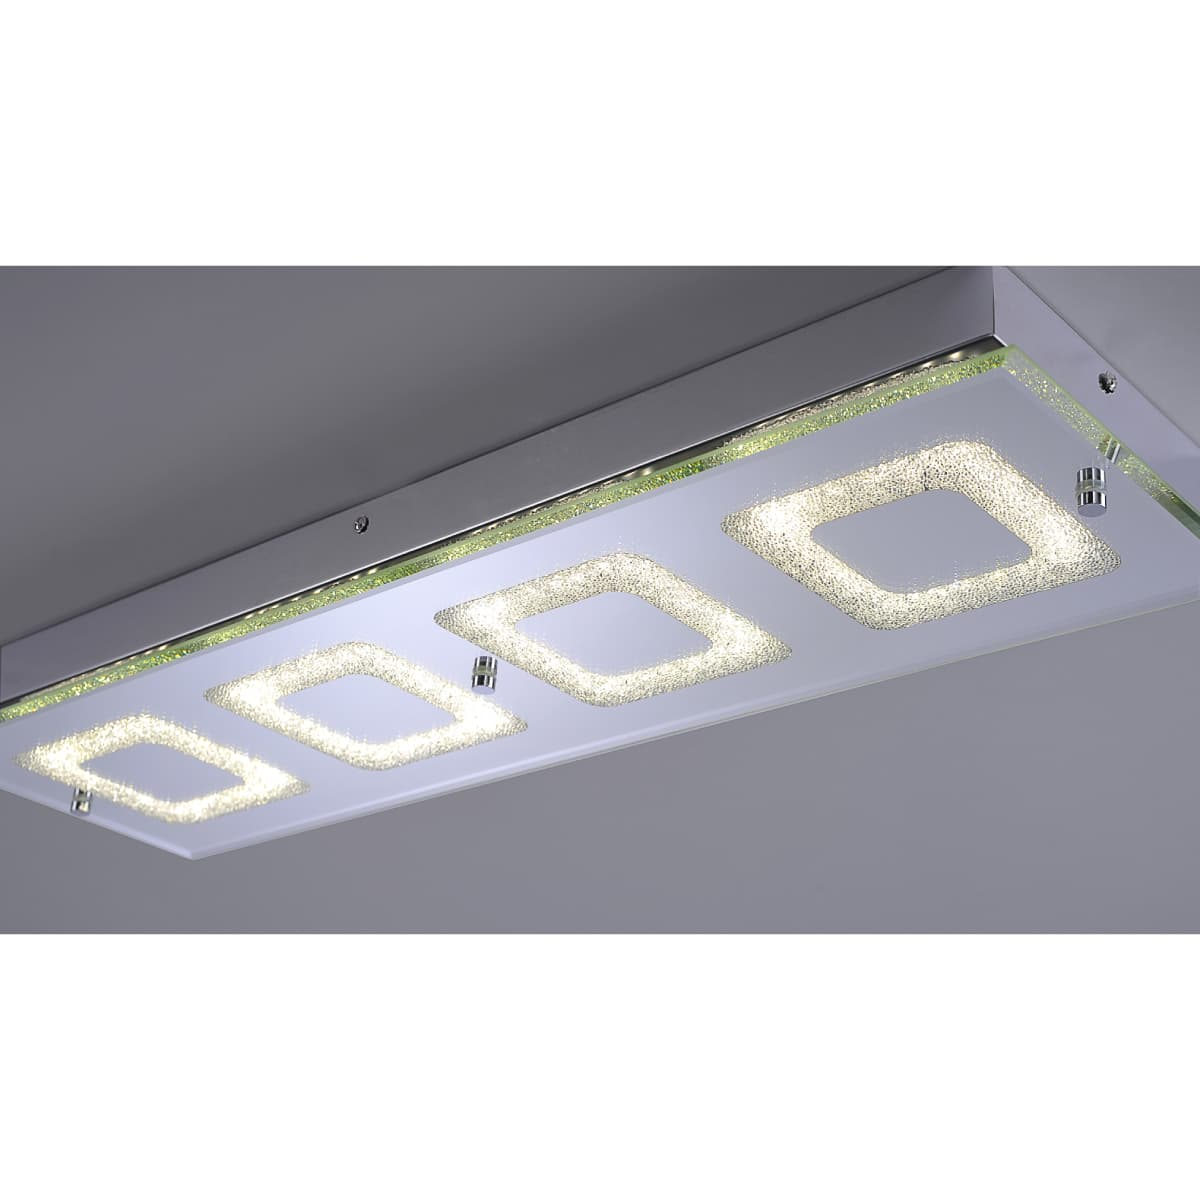 LED Deckenleuchte, Wandleuchte, chrom, Glas